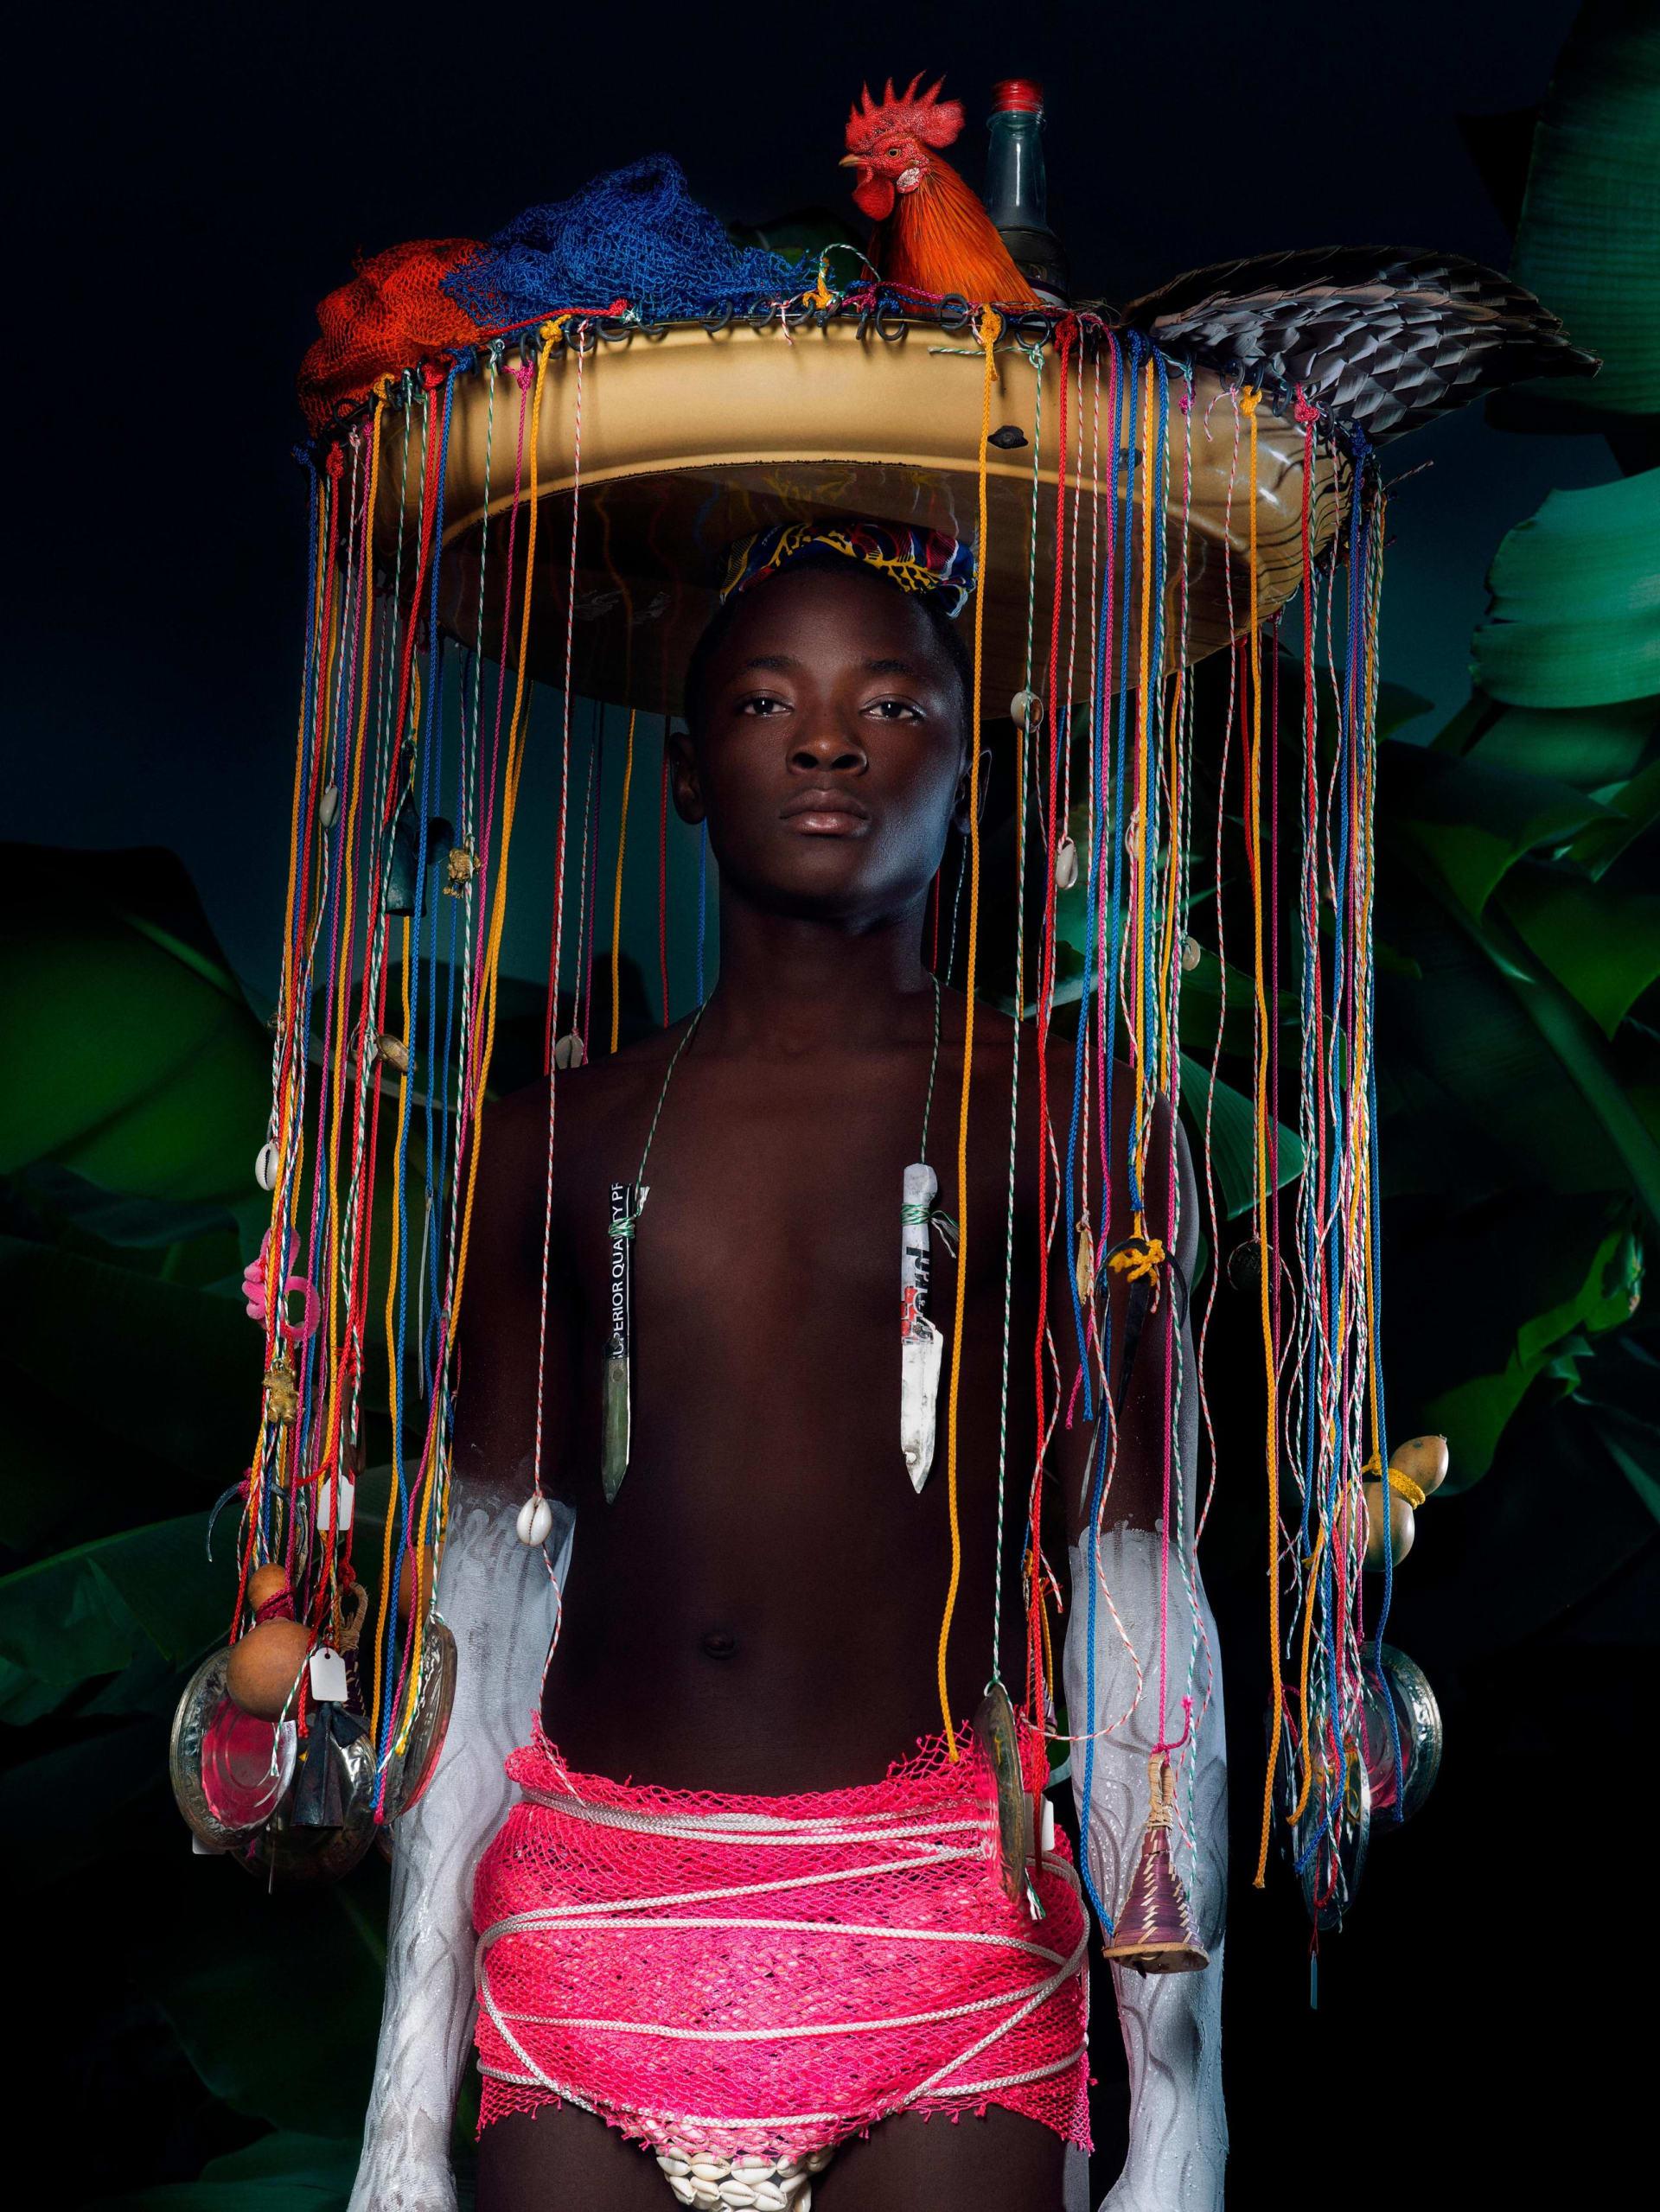 """بصور طاغية بالألون.. مصورة تسلط الضوء على """"الجنس الثالث"""" في تاهيتي"""